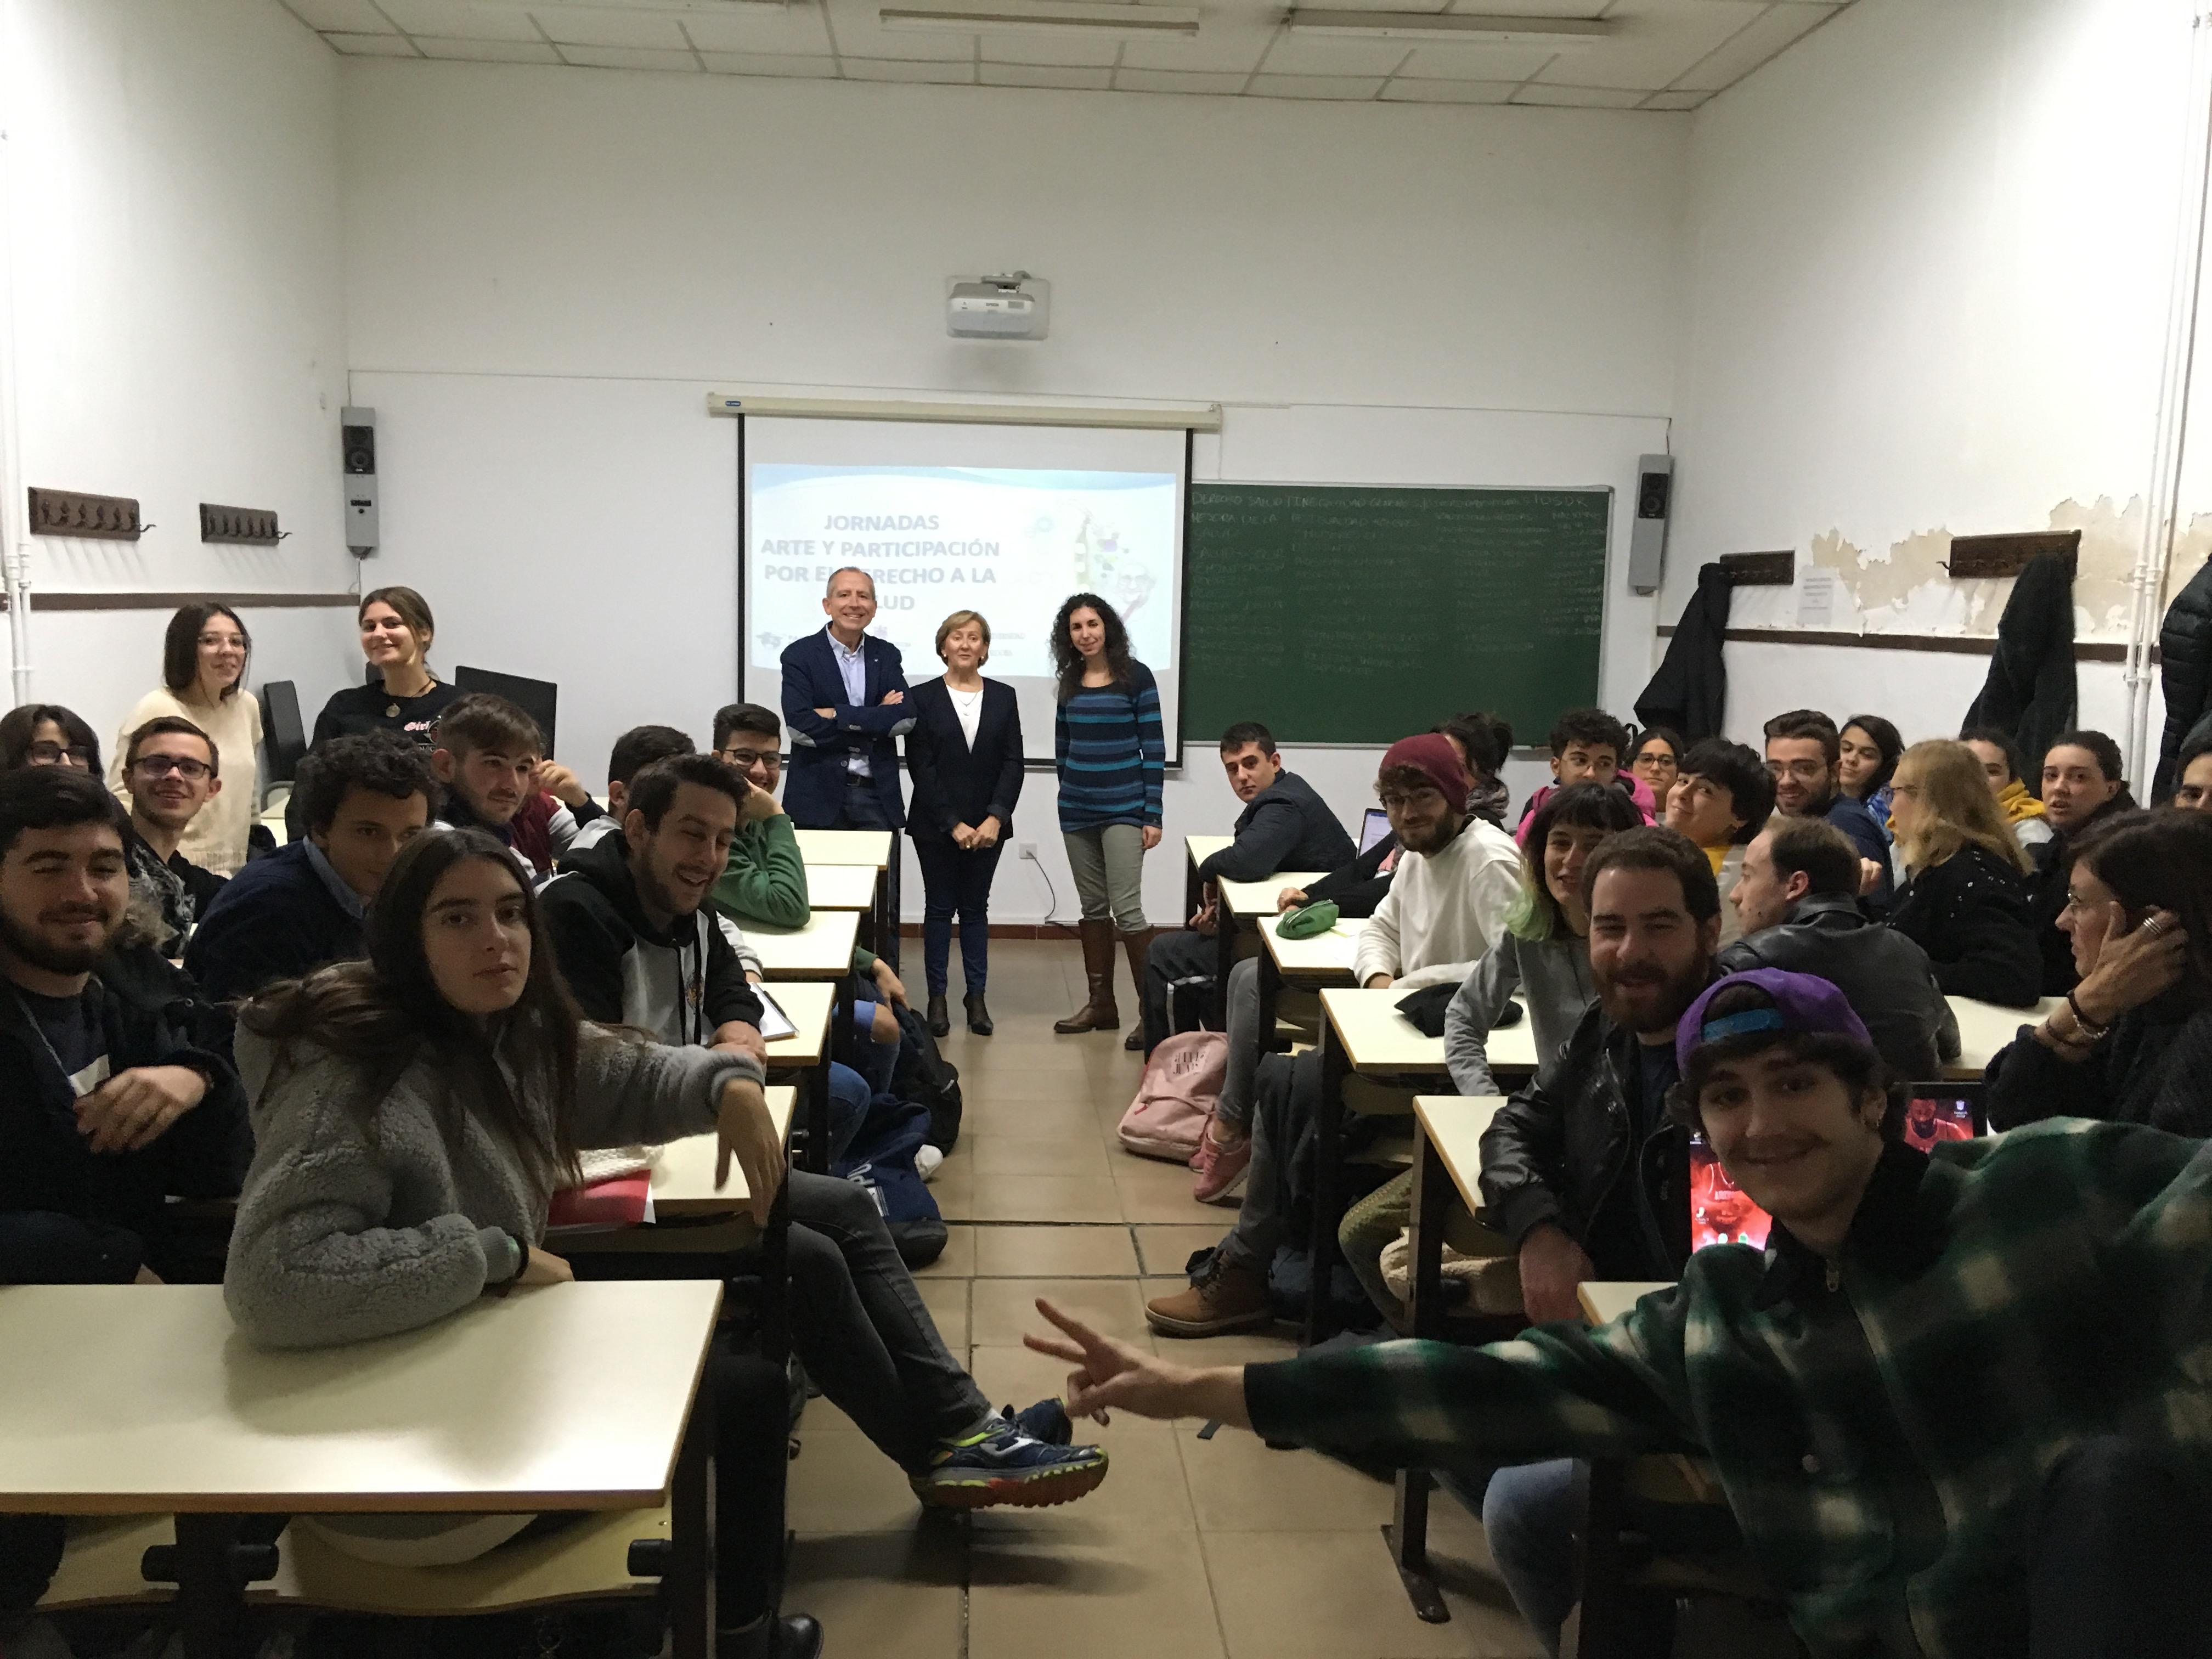 Jornadas 'Arte y Participación' en la Universidad de Córdoba